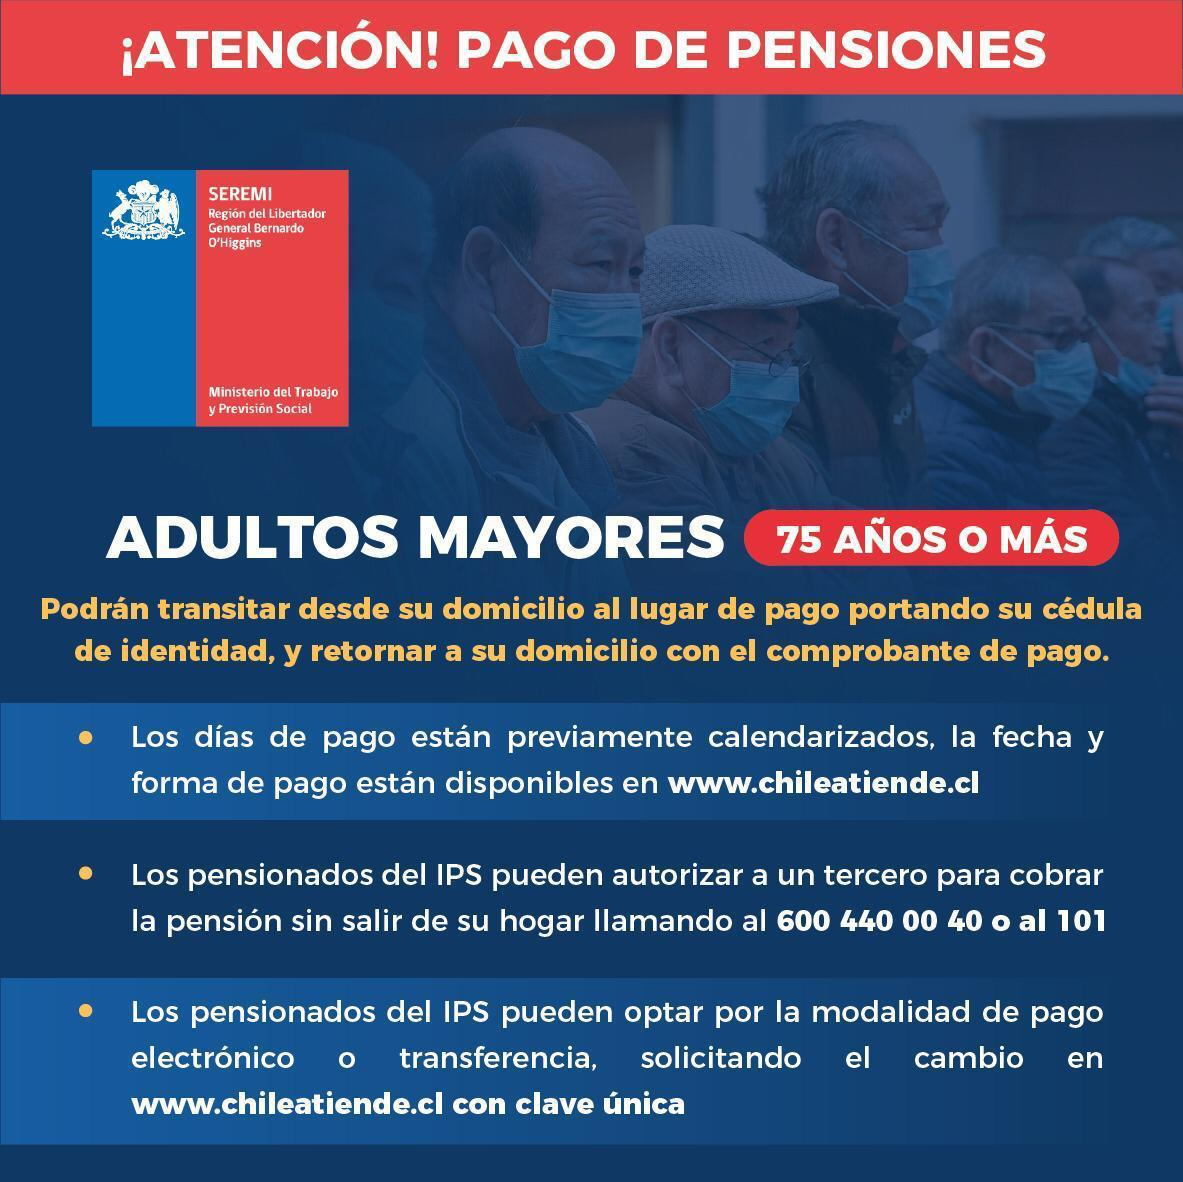 ¡ATENCIÓN! PAGO DE PENSIONES ADULTOS MAYORES